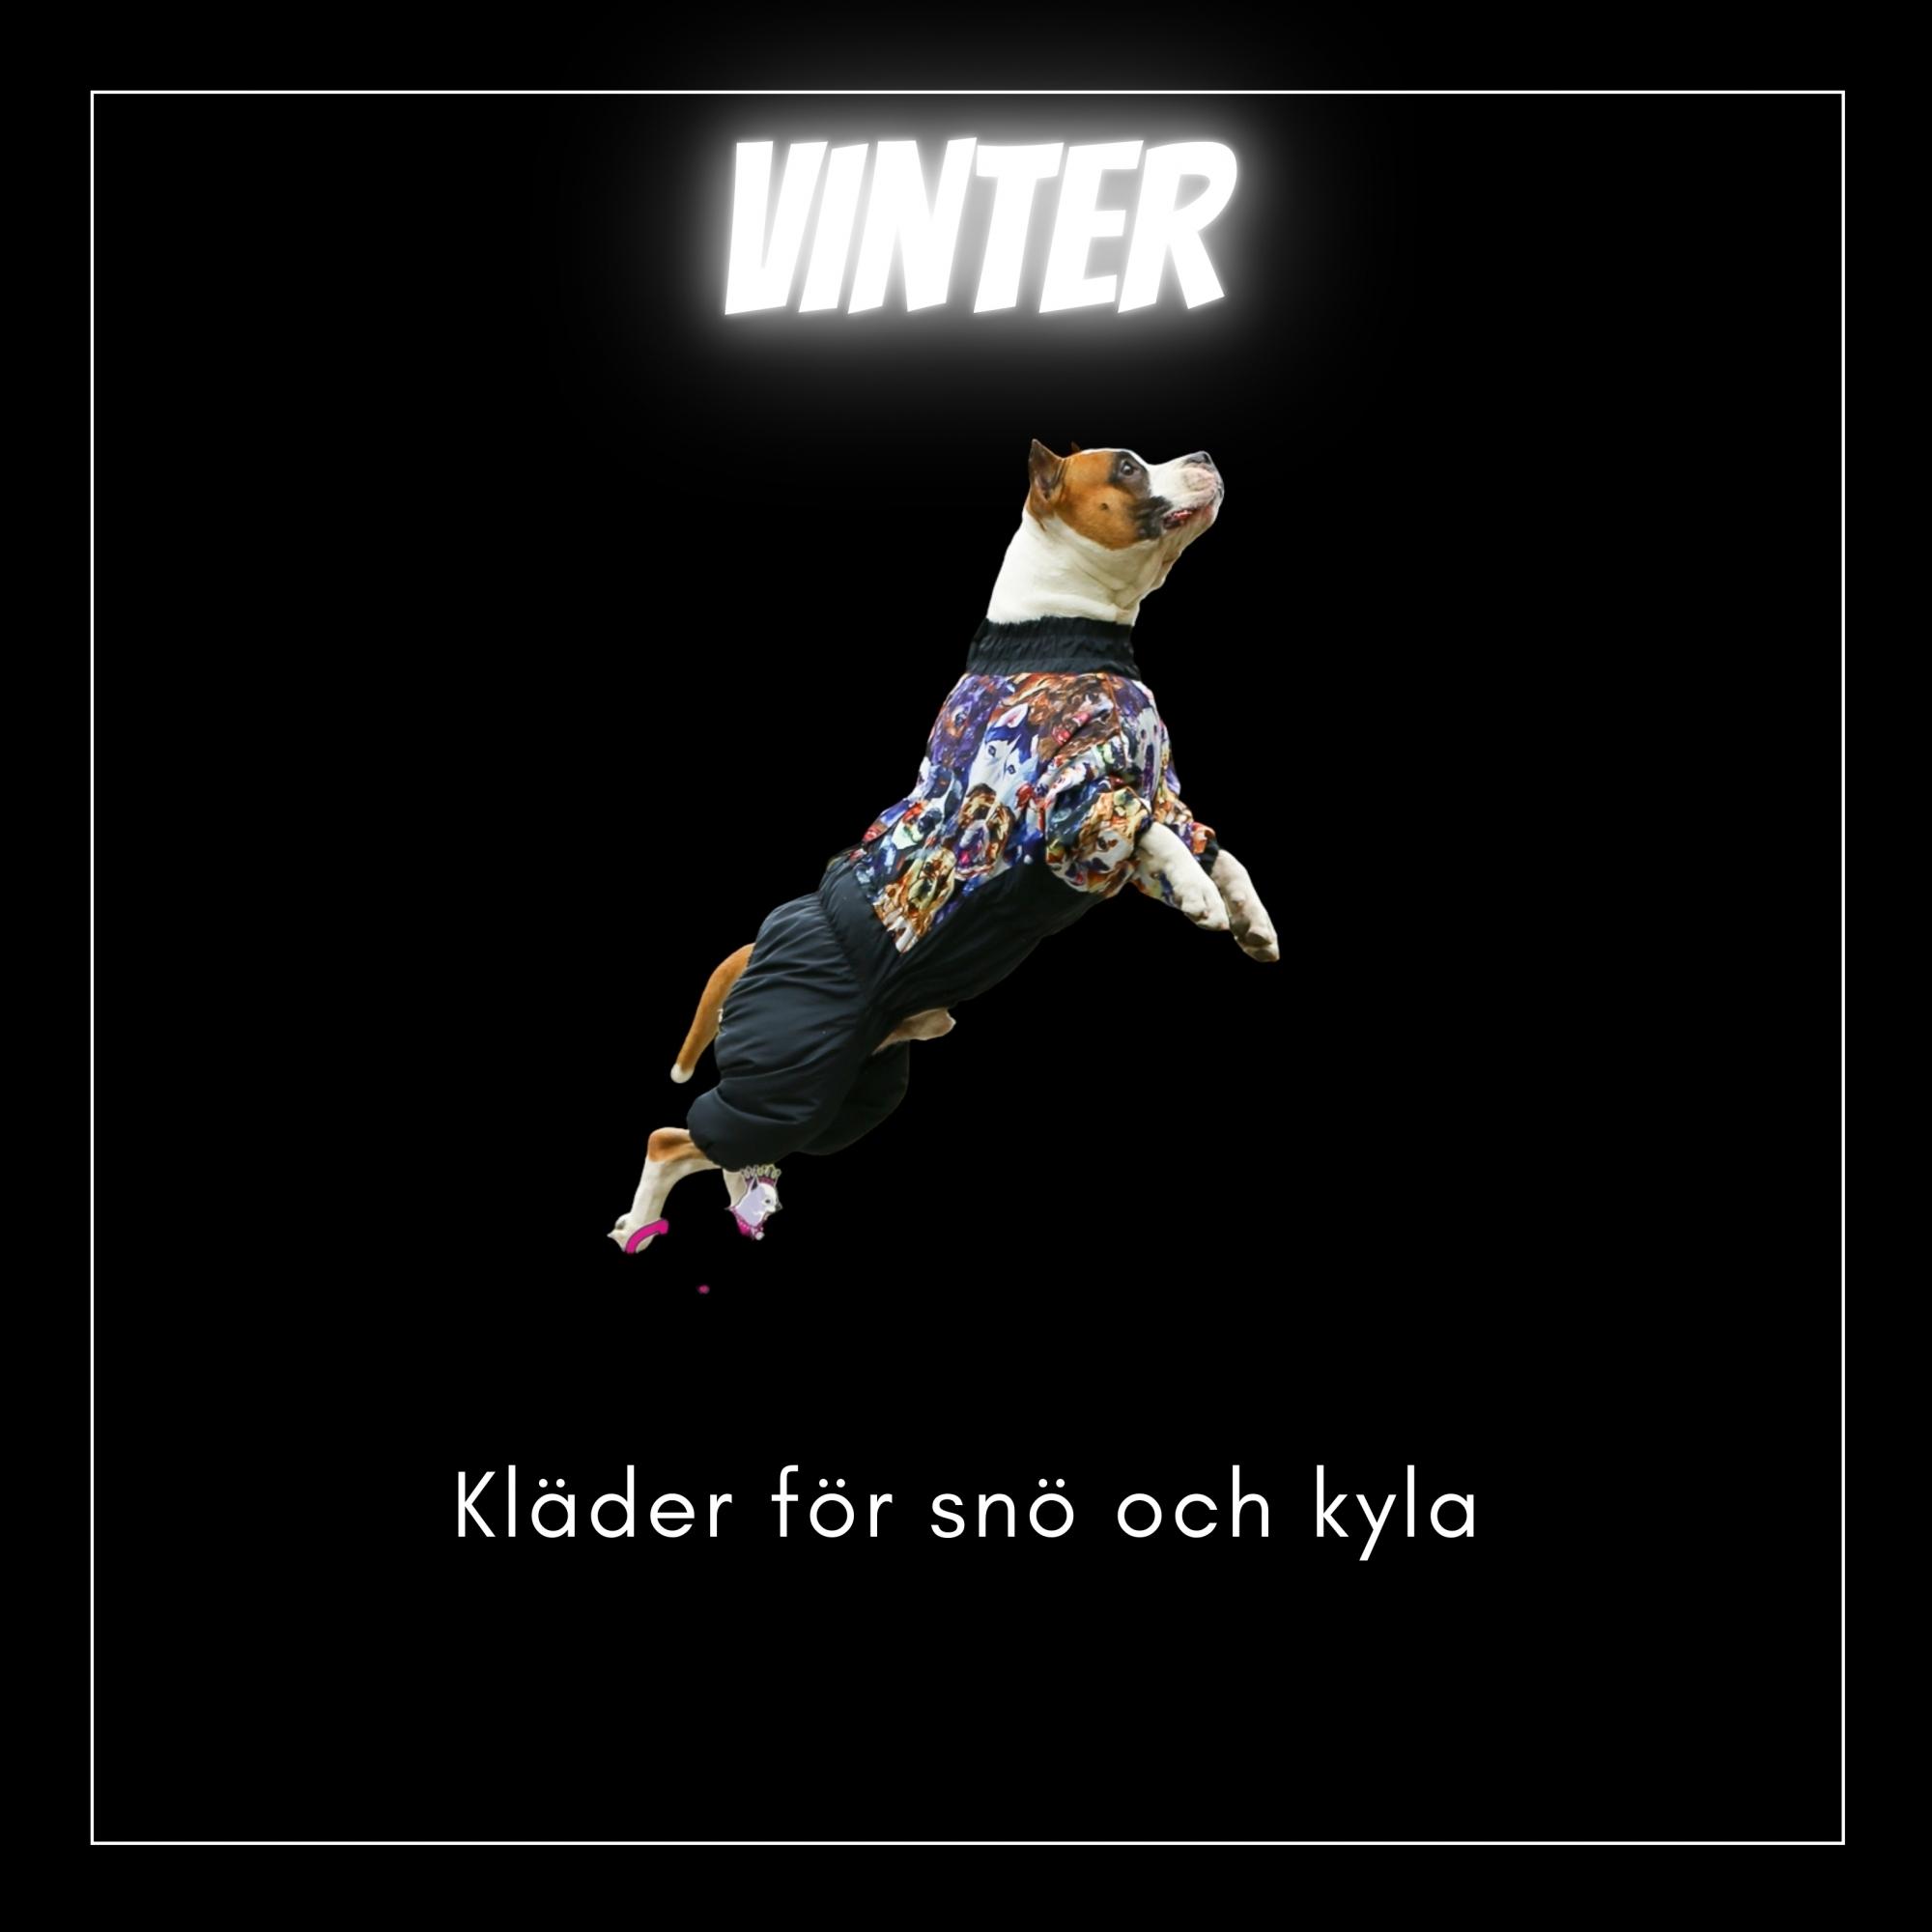 Vinterkläder - Bred & Djupbröstade hundar - Passion For Pet Fashion